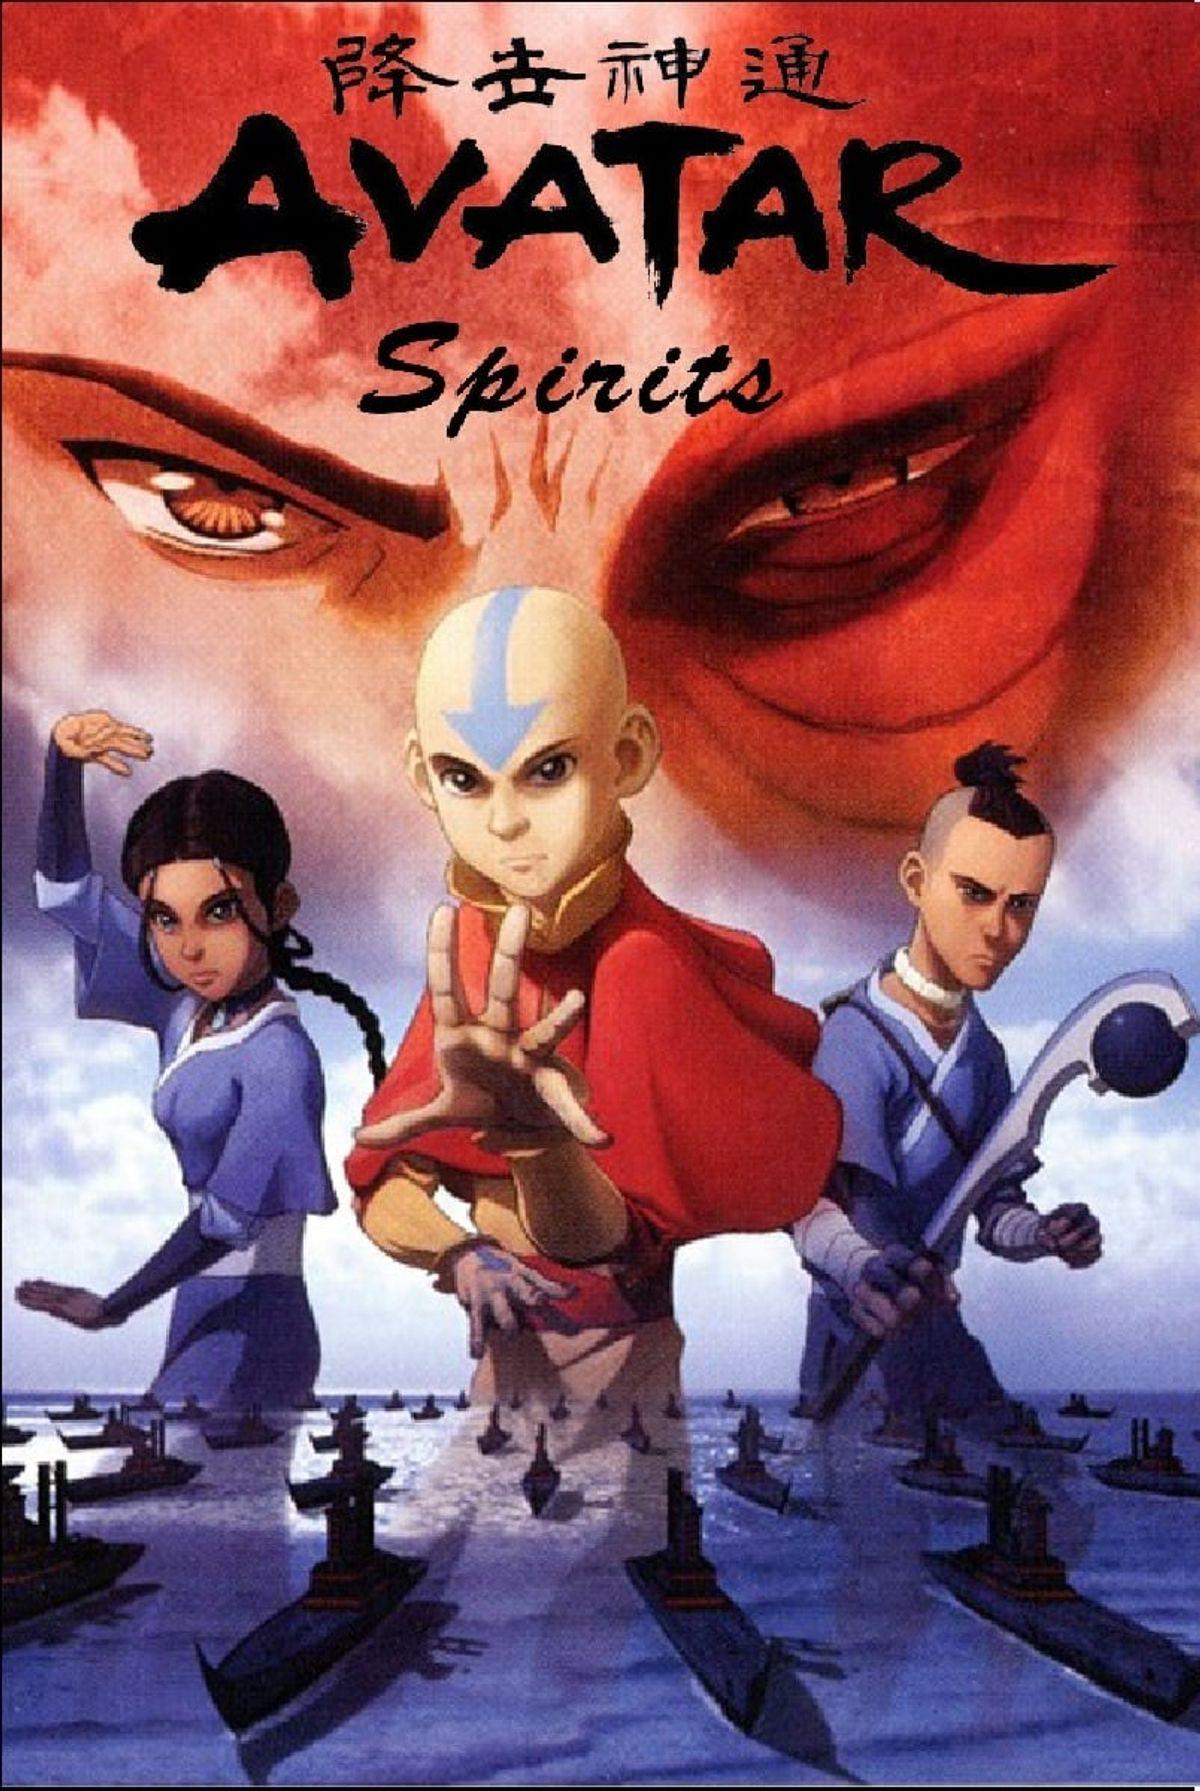 Avatar Spirits